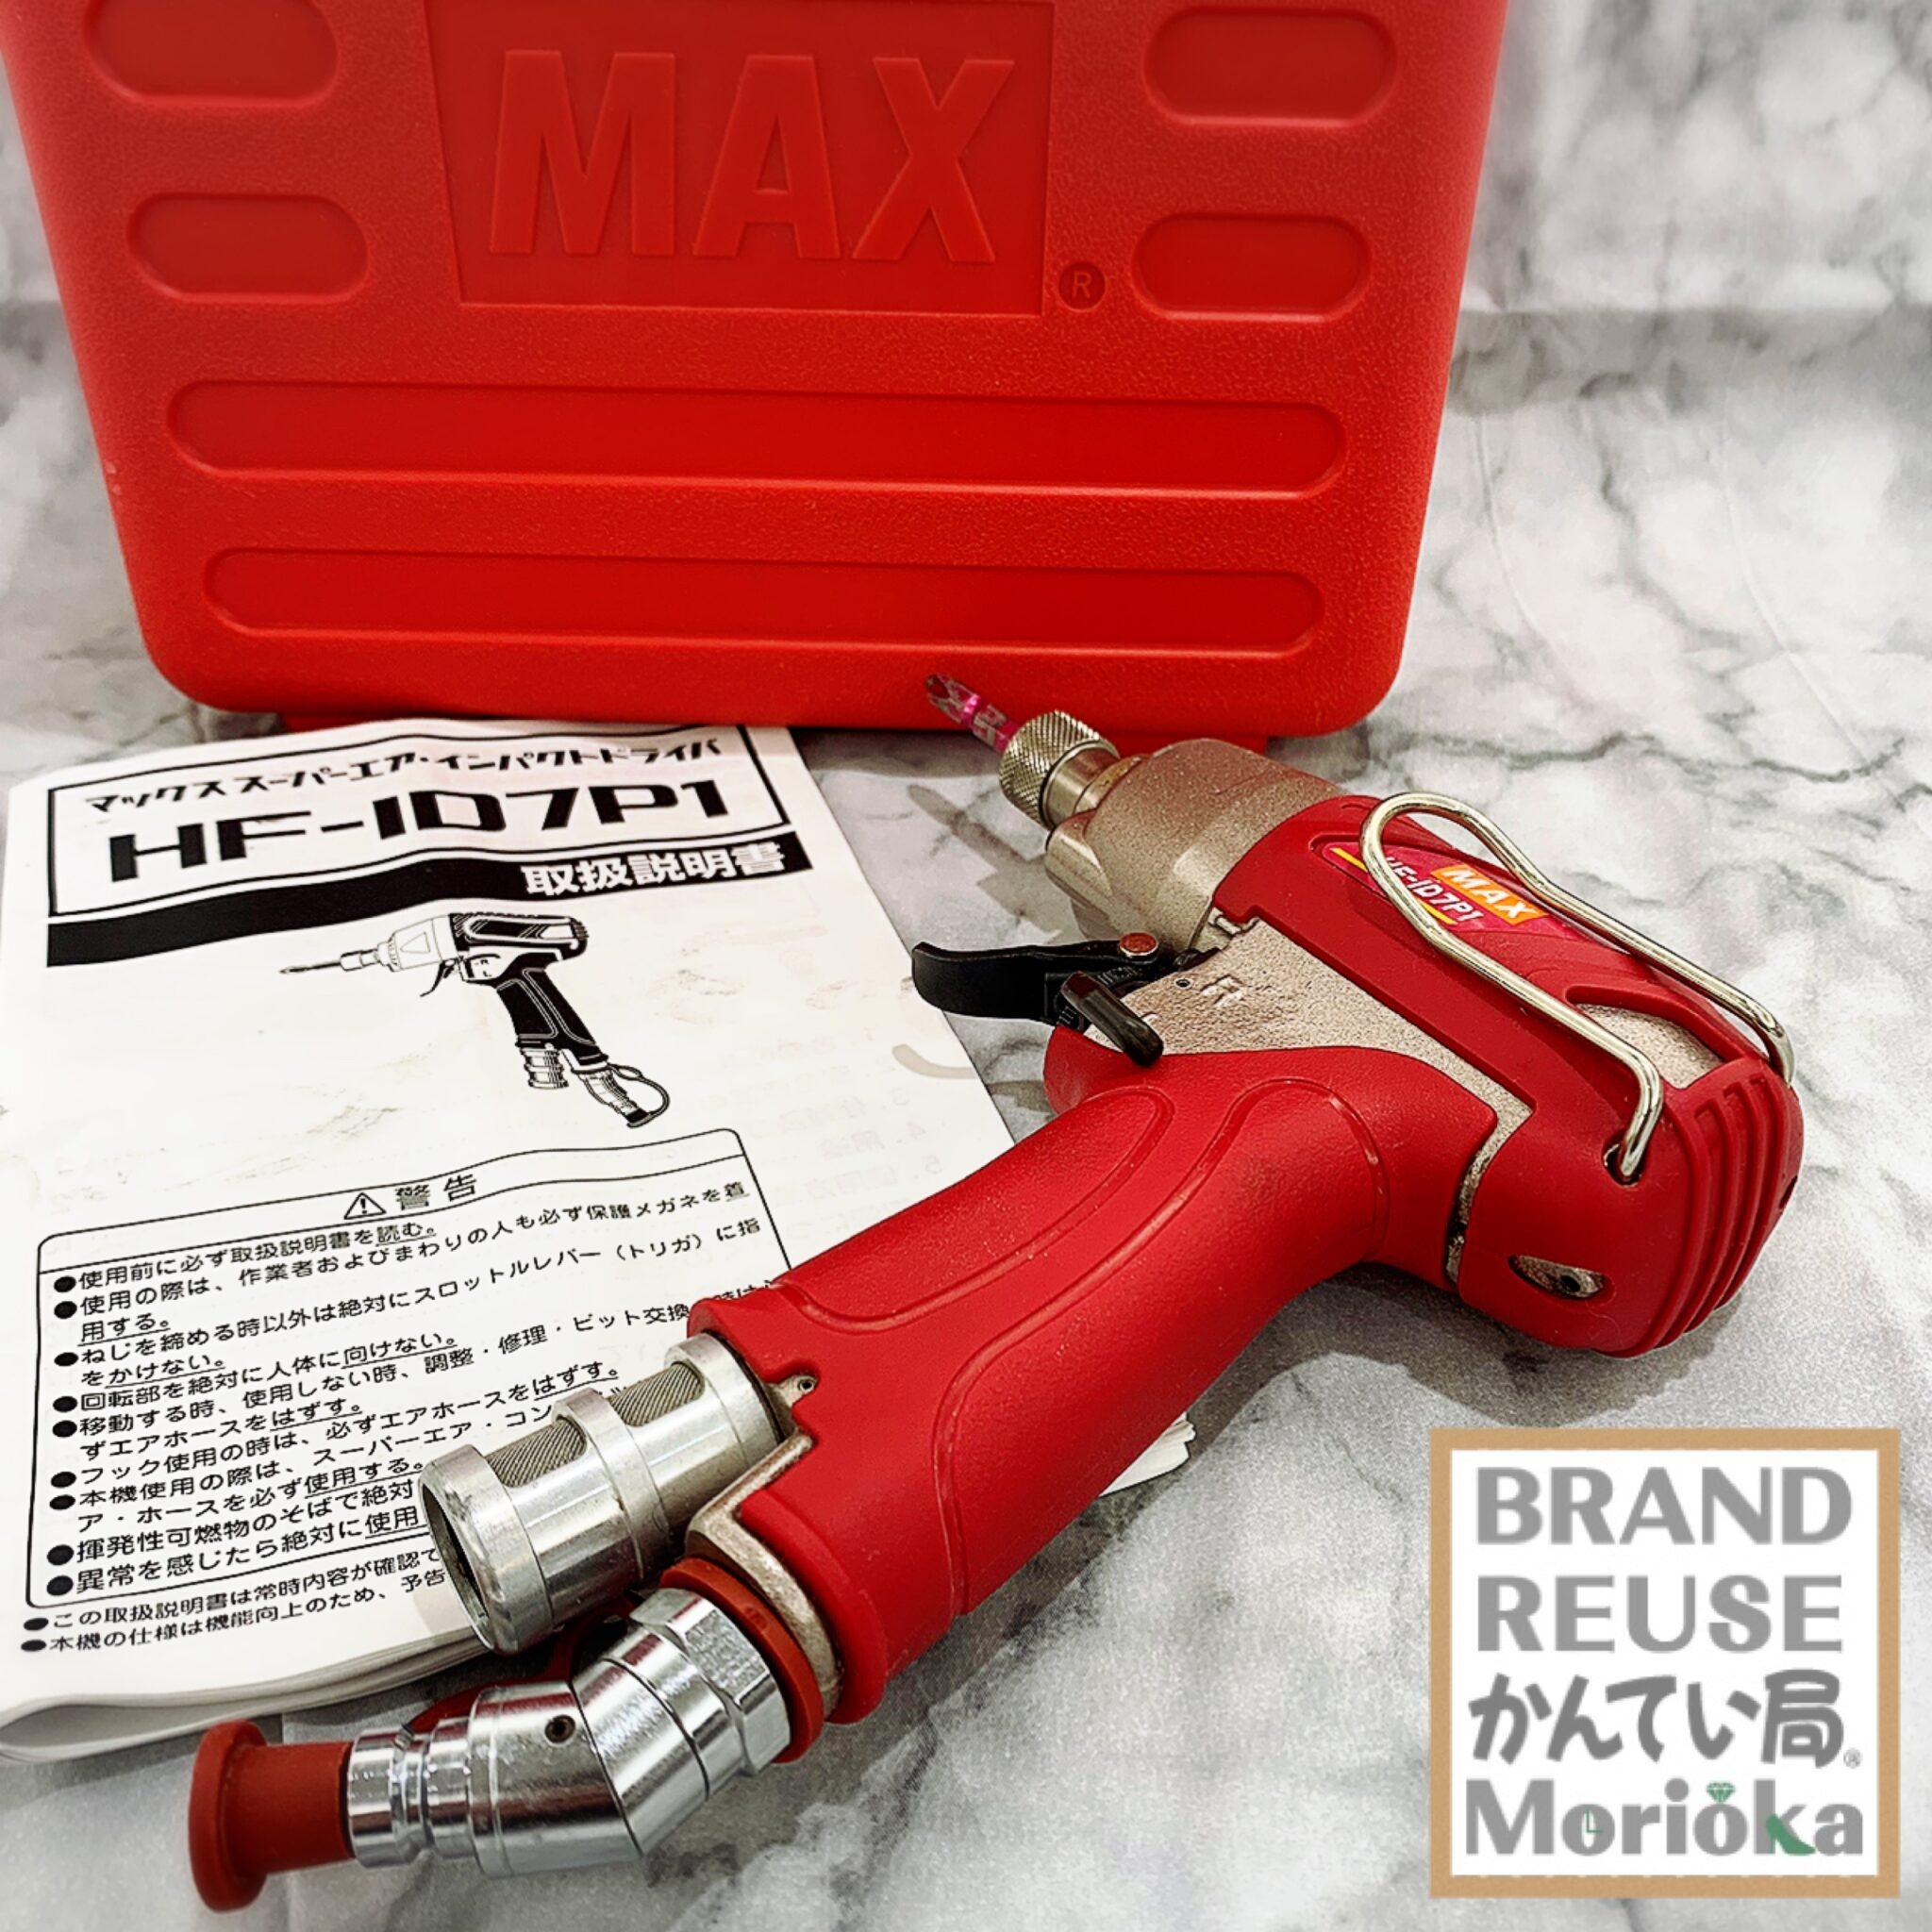 【工具 販売 盛岡】かんてい局盛岡店で20,000円以下で買える工具💡MAX マックス インパクトドライバ🔧